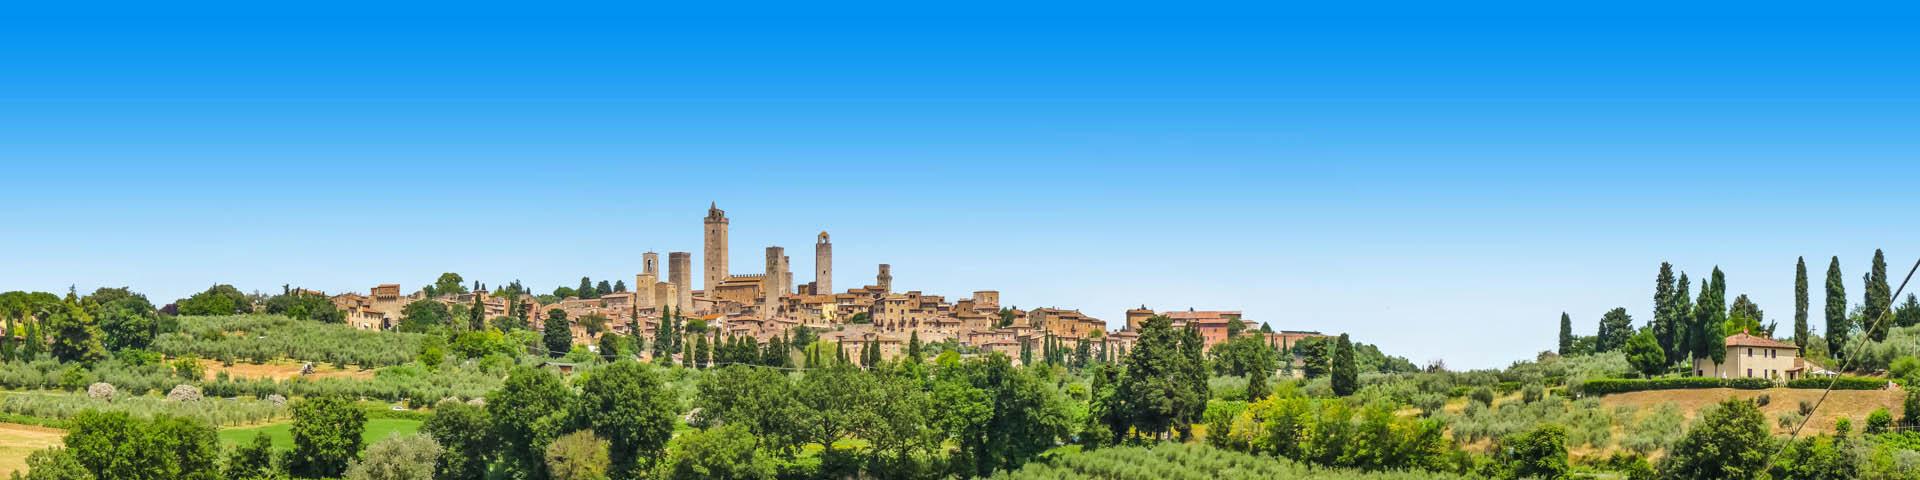 Itiliaans groen landschap met uitzicht op een dorpje.